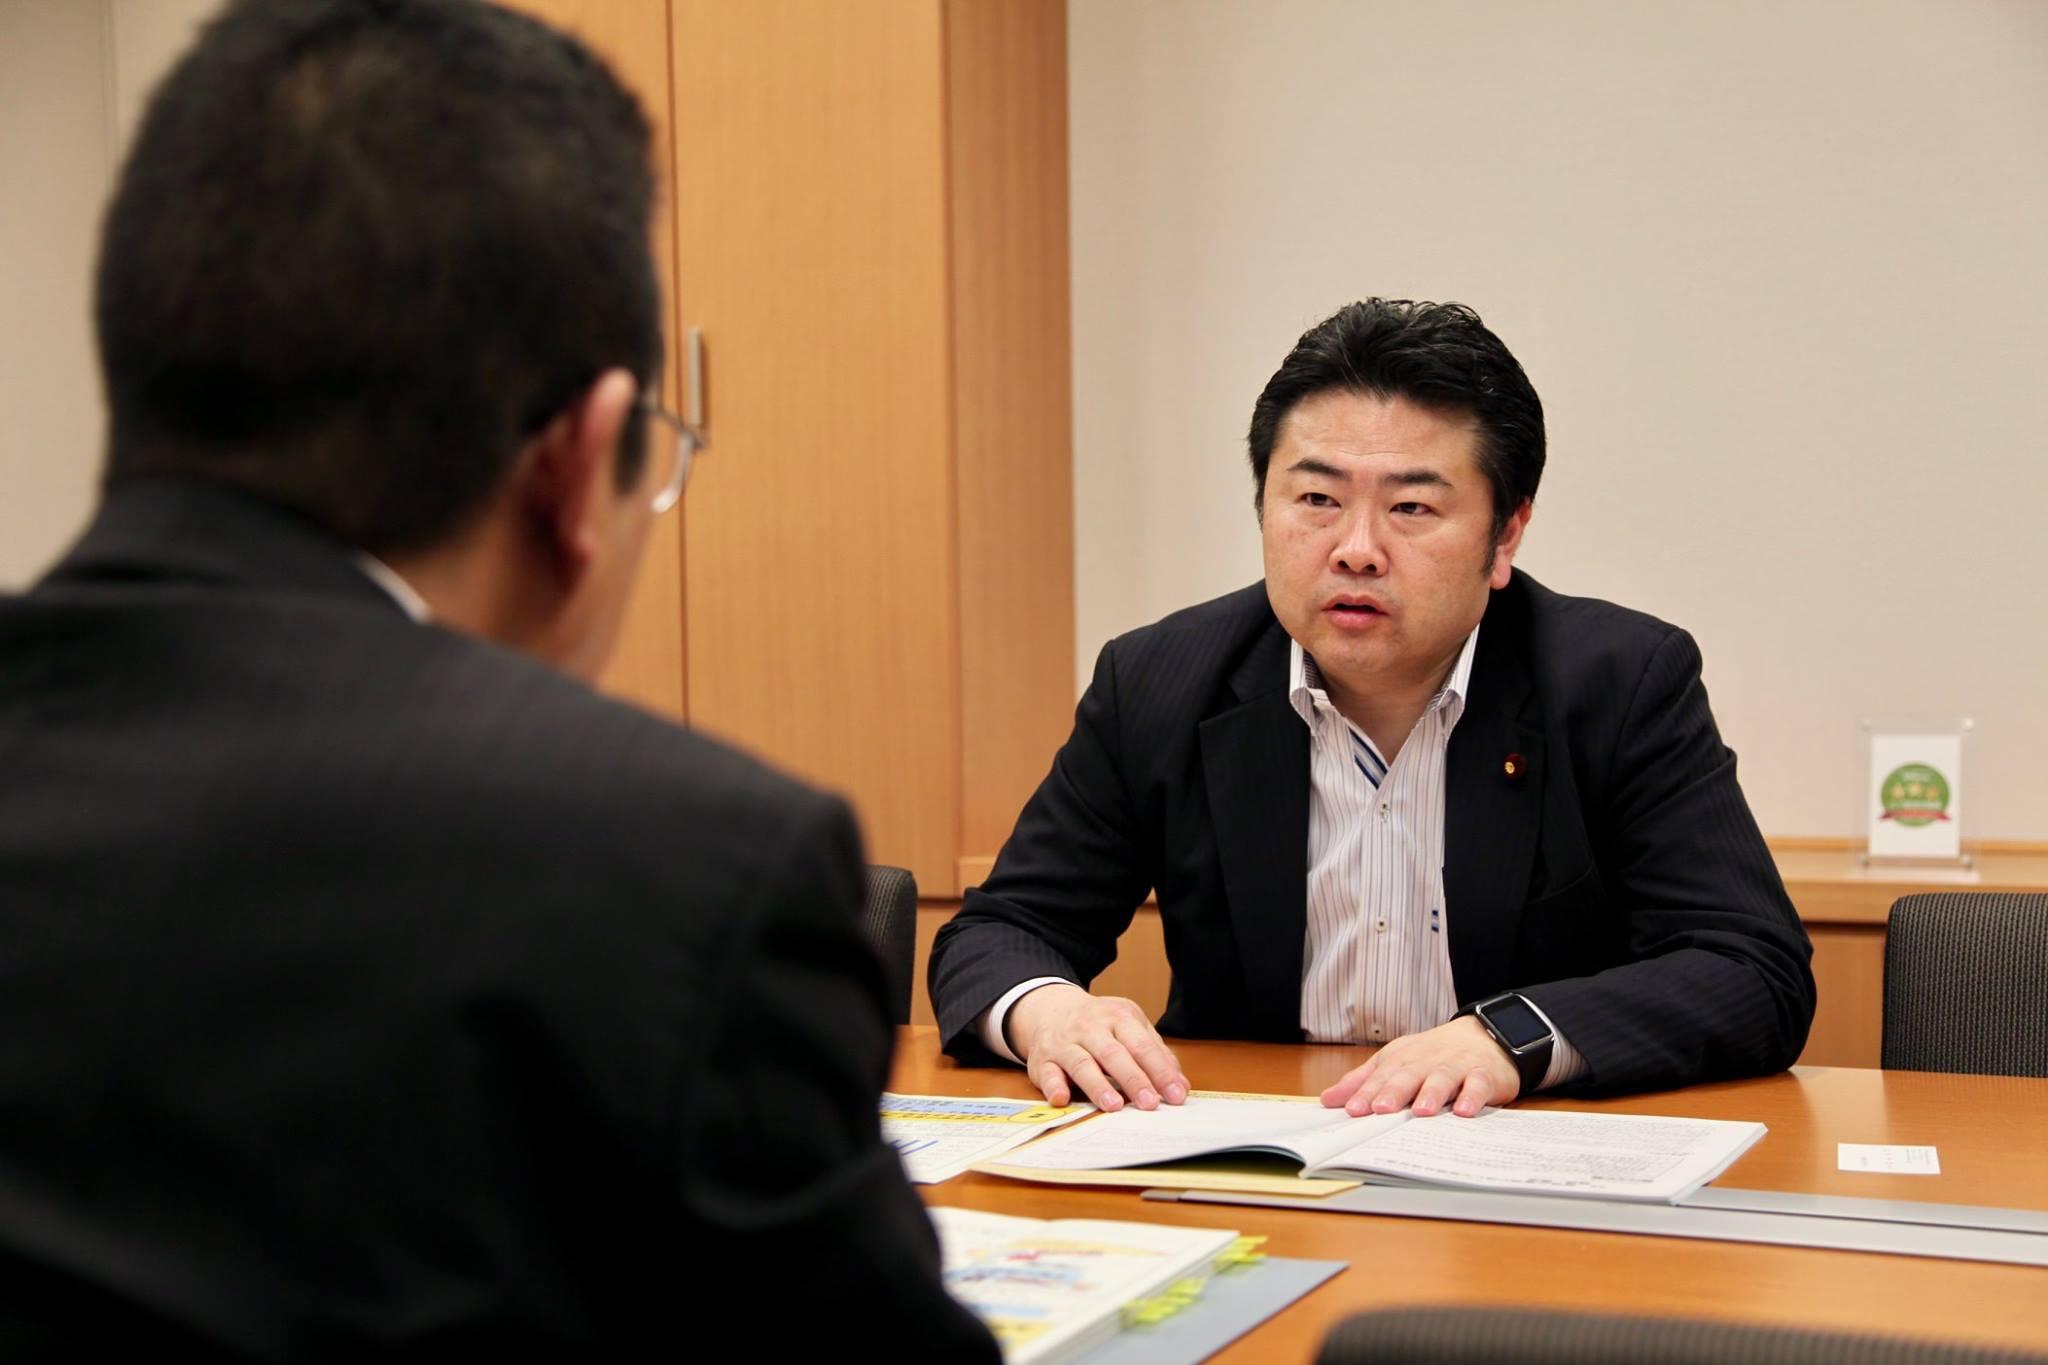 岡山県庁の村木総合政策局長が事務所を訪ねてくださり、「国に対する提案」を説明してくれました。